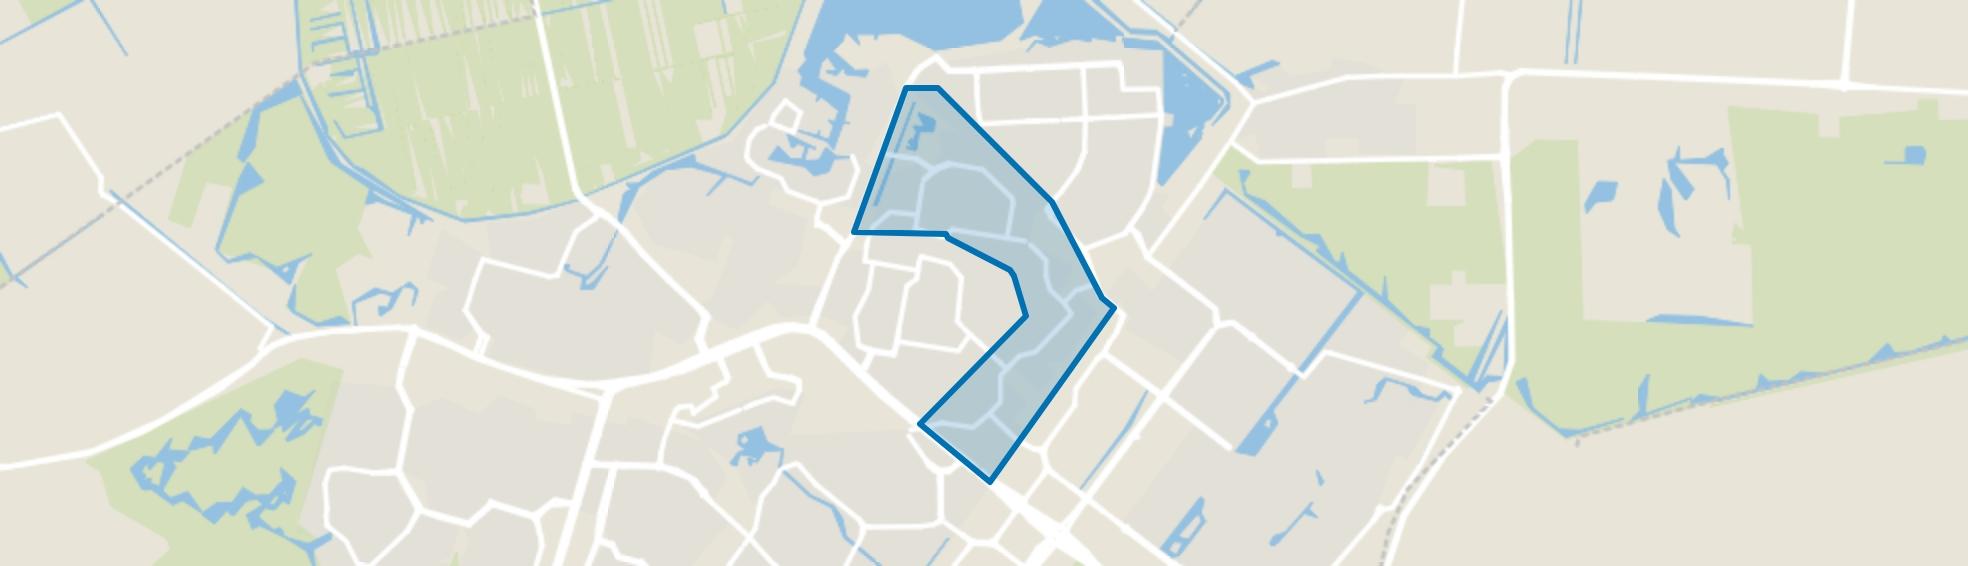 Seghwaert-Noord-Oost, Zoetermeer map